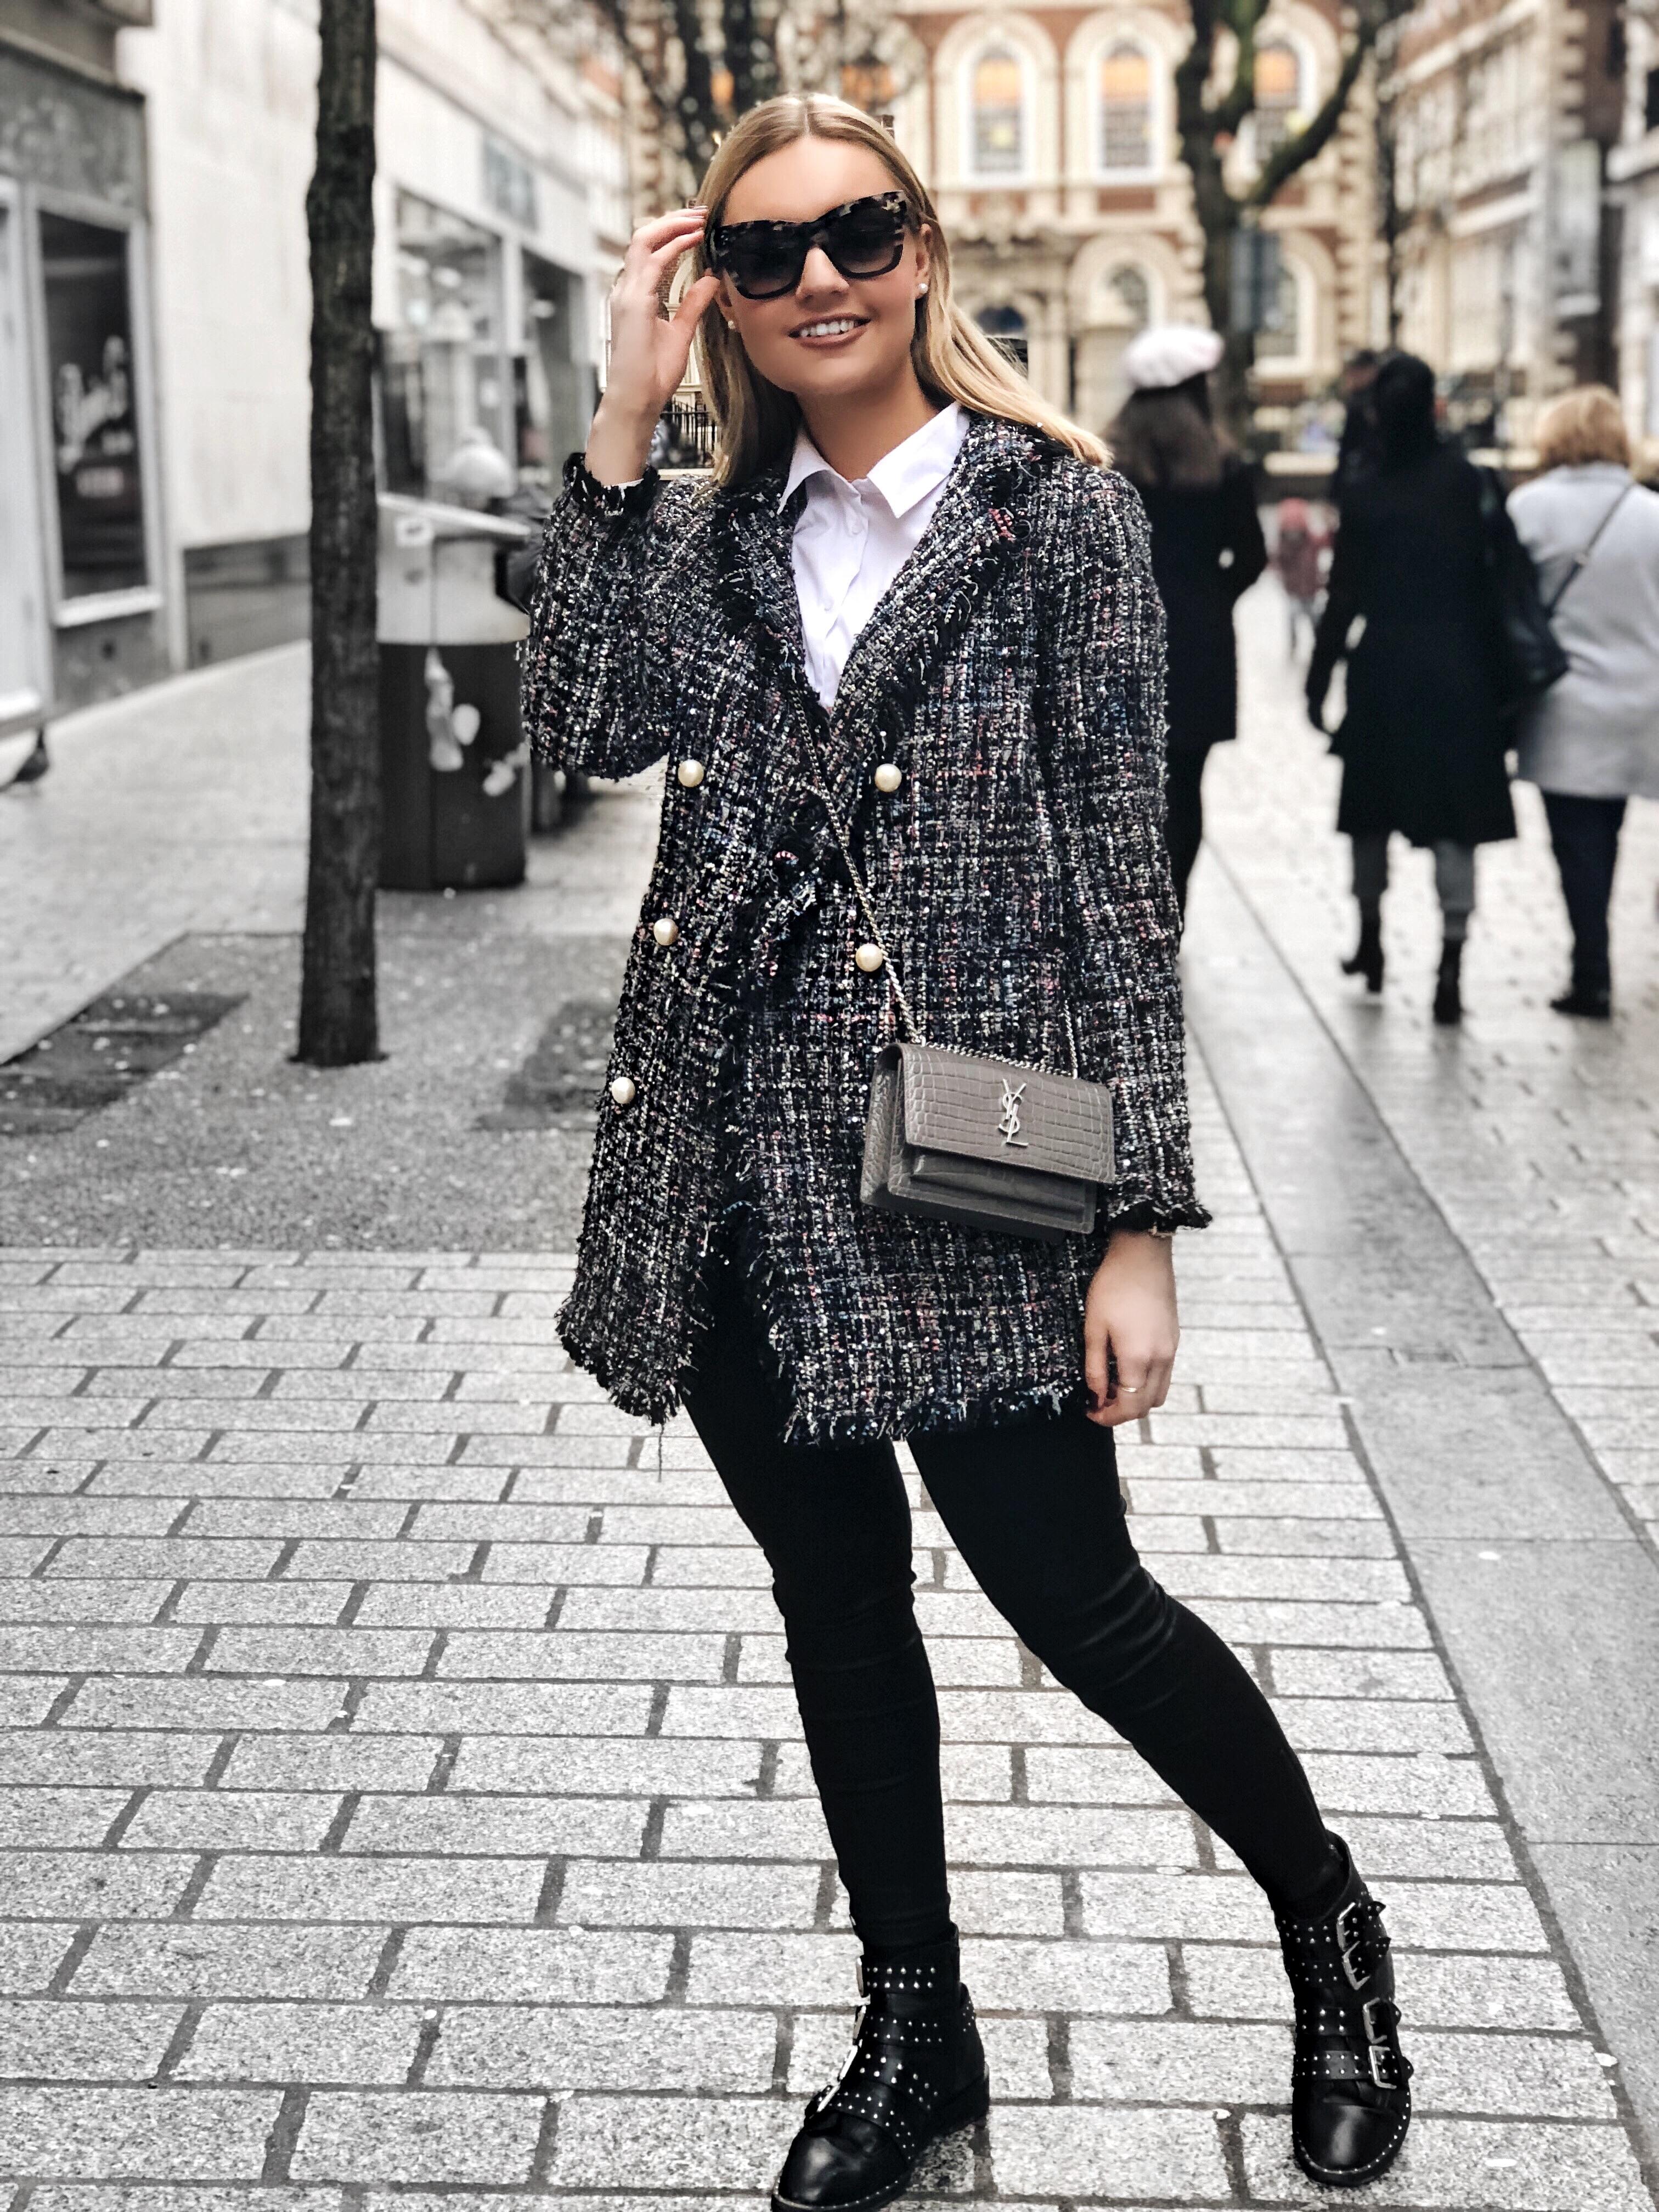 Chanel Style Jacket Lydia Tomlinson